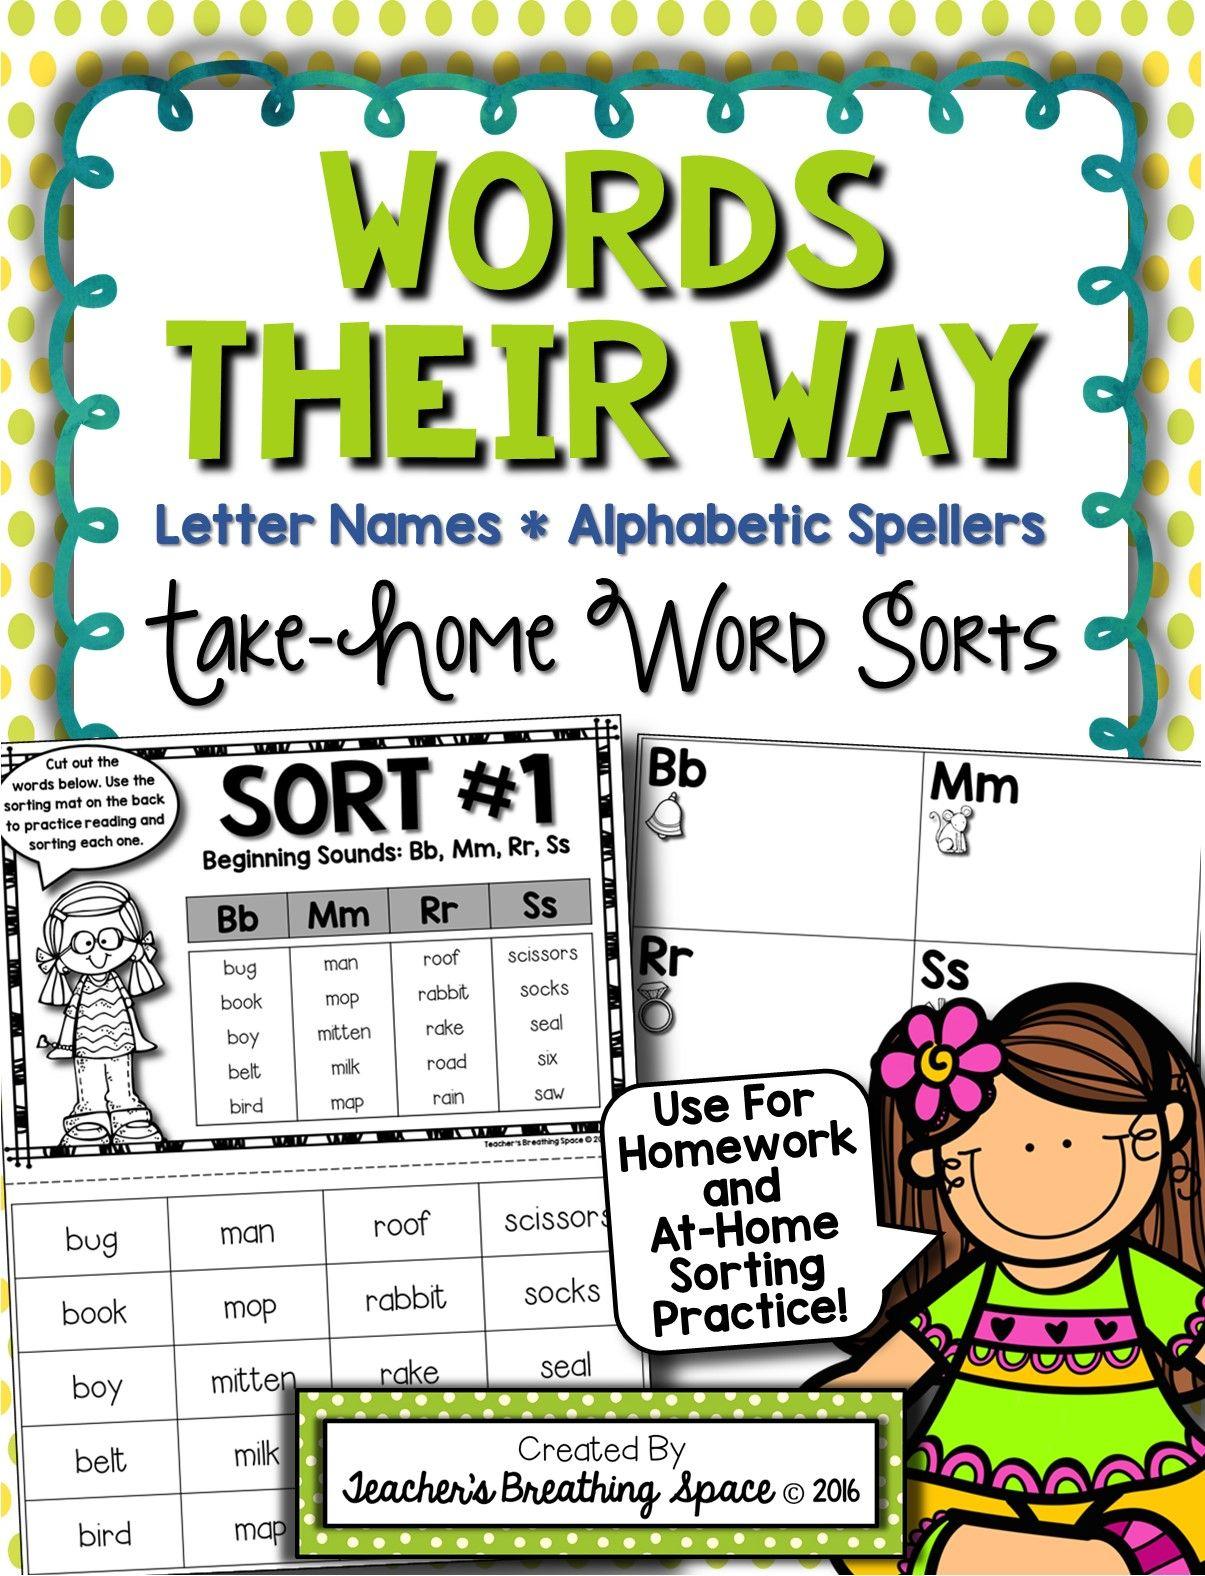 Worksheet Words Their Way Worksheets Grass Fedjp Worksheet Study Site